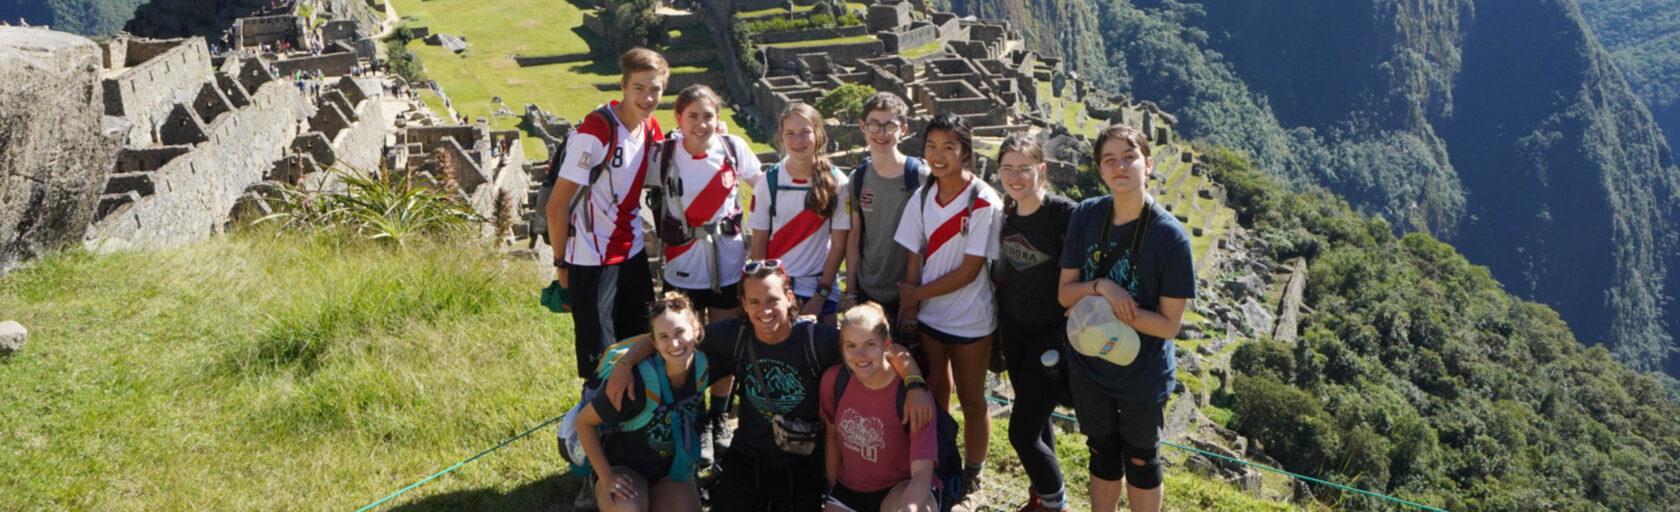 Peru Service group photo at Machu Picchu